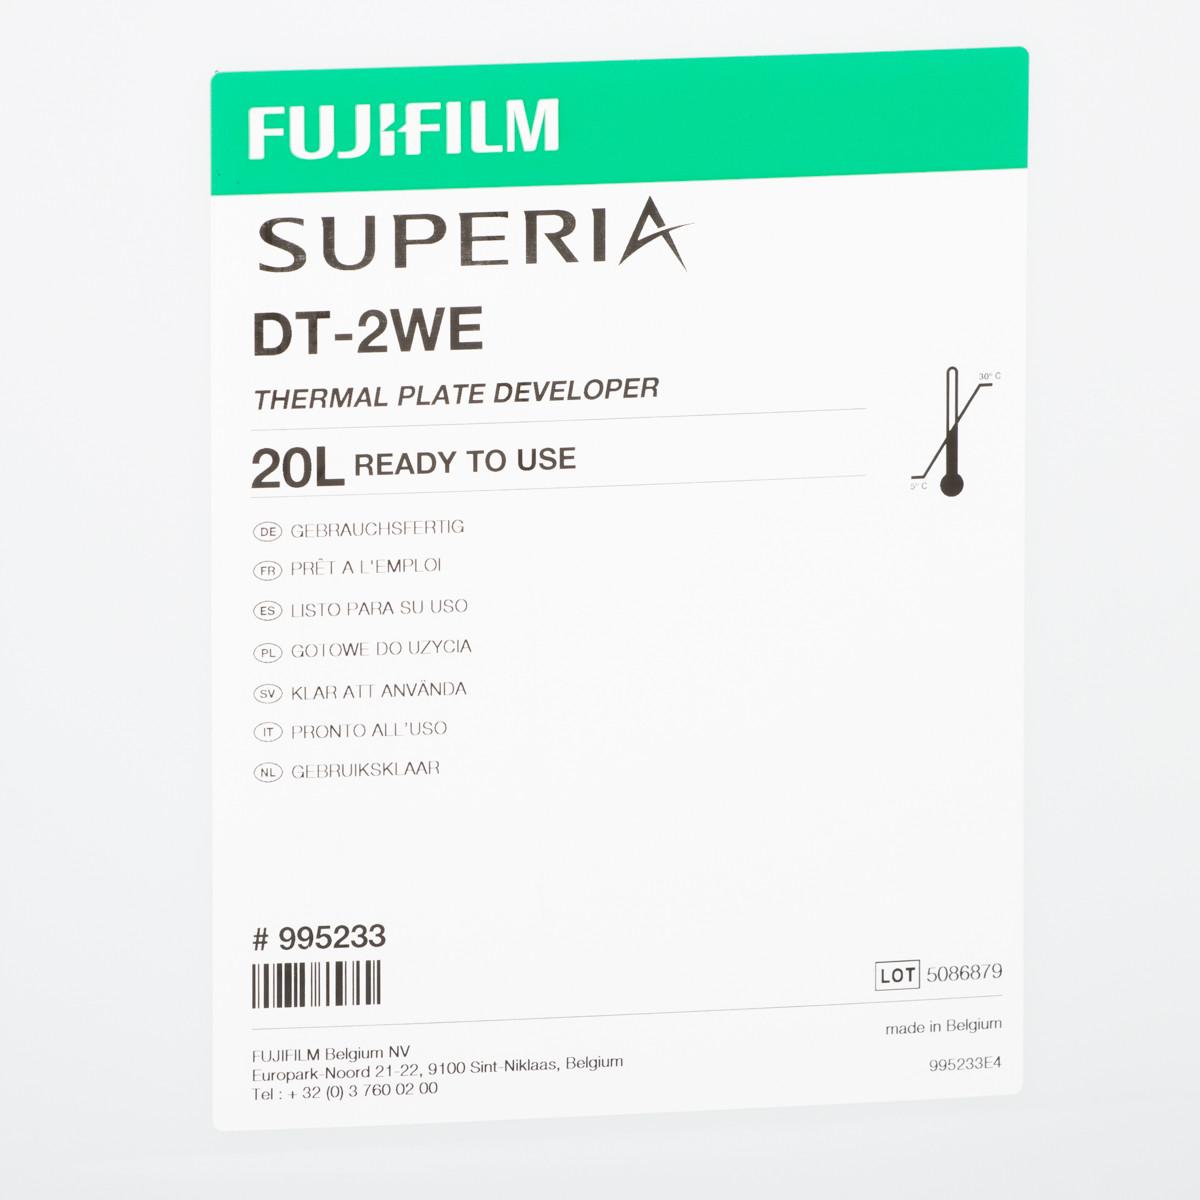 FUJI DT-2WE DEVELOPER RTU 20 lit